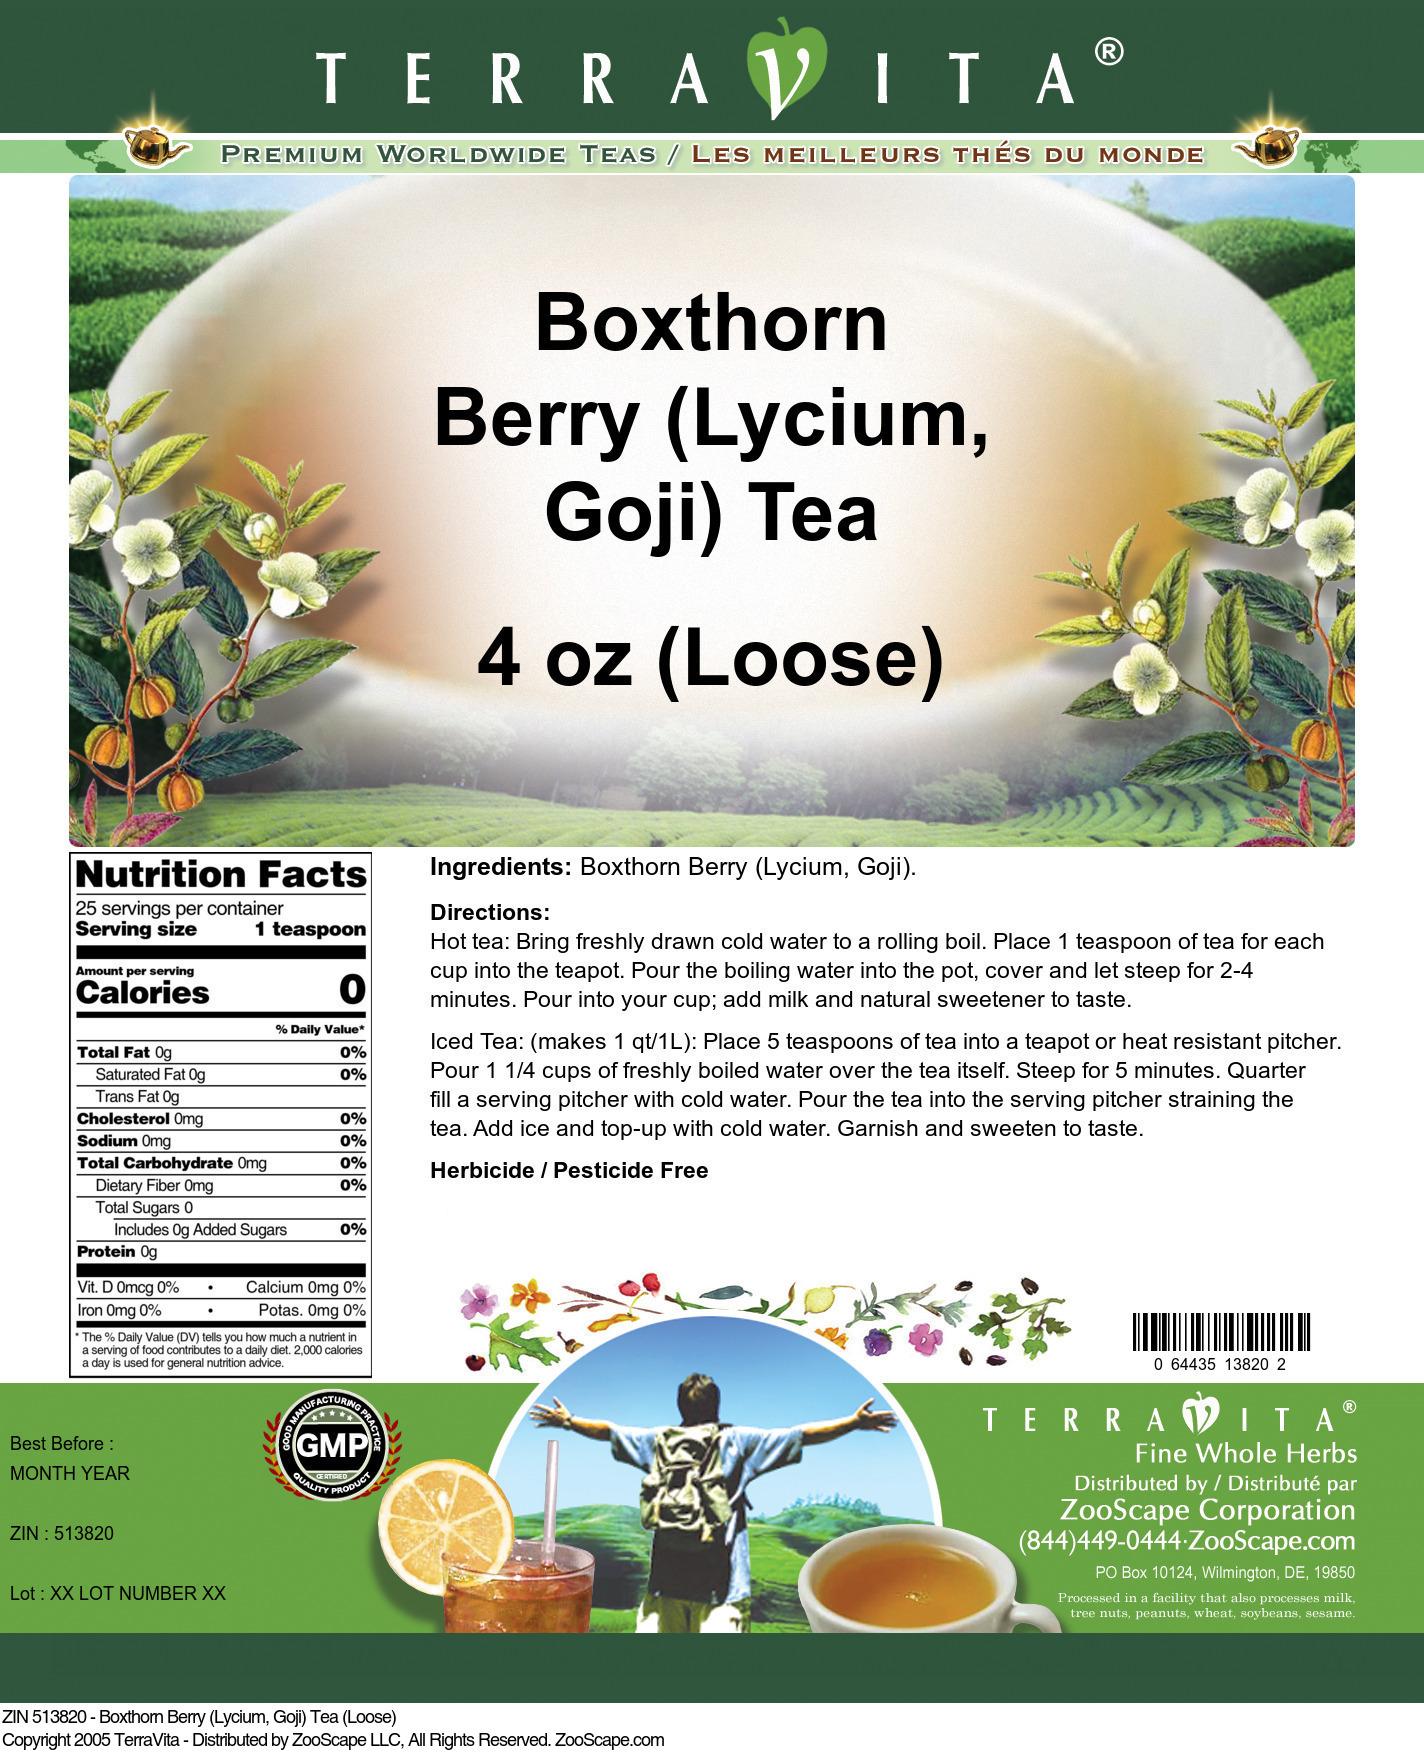 Boxthorn Berry (Lycium, Goji) Tea (Loose)